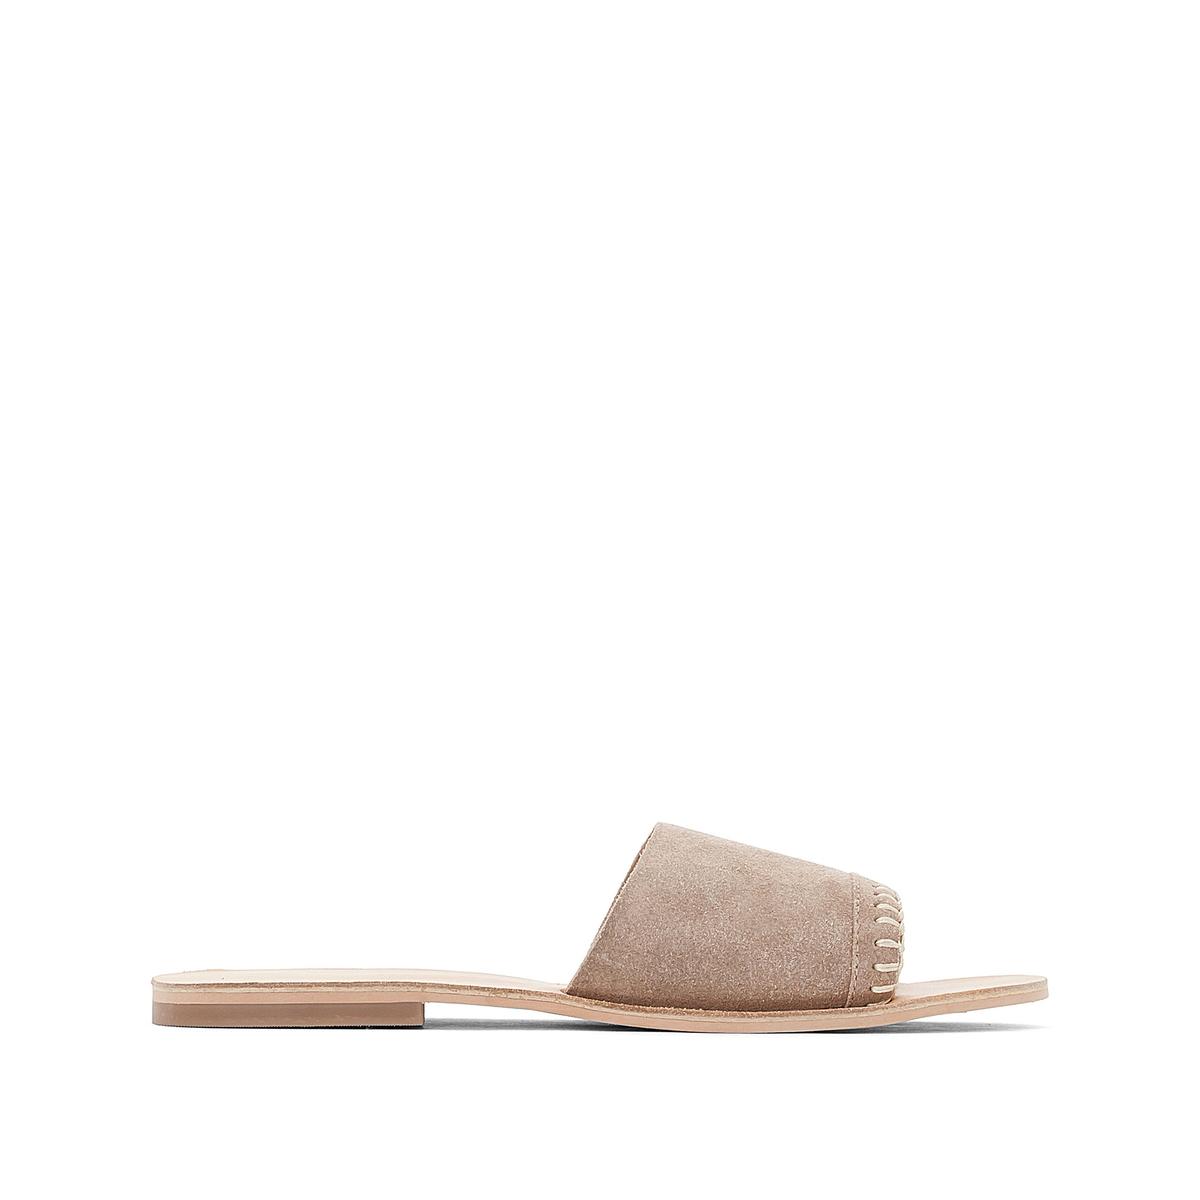 Туфли без задника кожаныеДетали •  Сандалии без задника •  Застежка : без застежки •  Открытый мысок •  Велюровая отделка, нубукСостав и уход •  Верх 100% спилок •  Стелька 100% кожа<br><br>Цвет: бежевый<br>Размер: 42.38